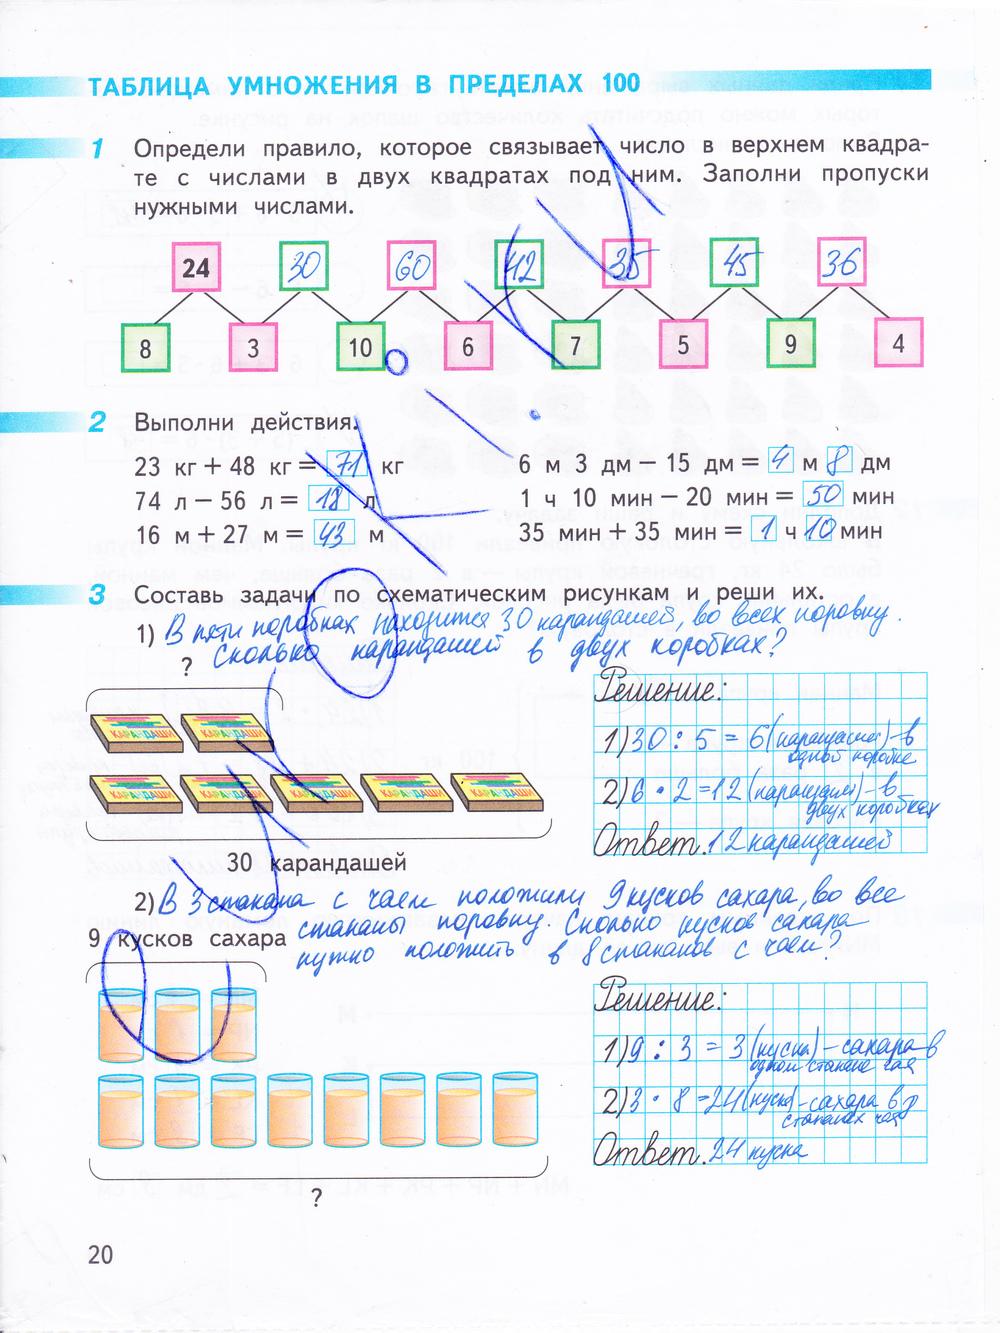 часть 6 тетрадь рабочая 2 класса по математике решебник дорофеев